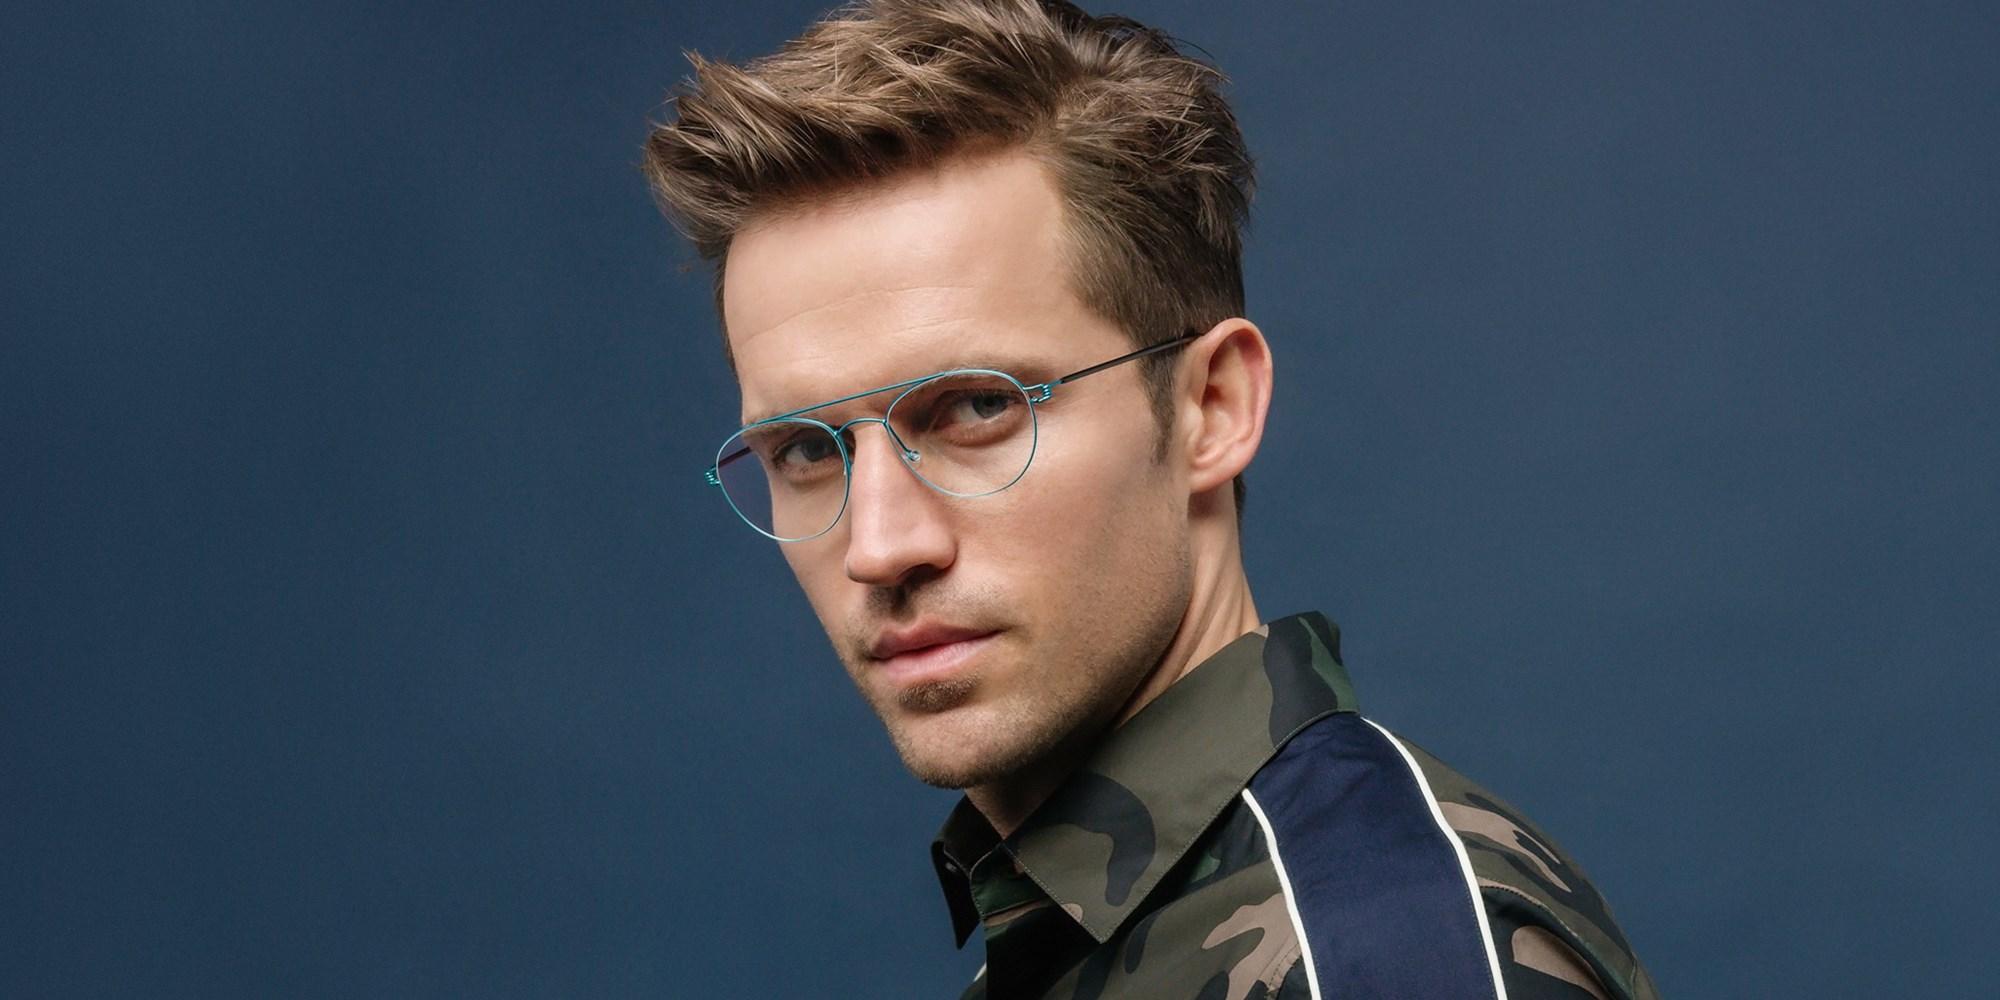 איך מתאימים משקפיים  למבנה הפנים